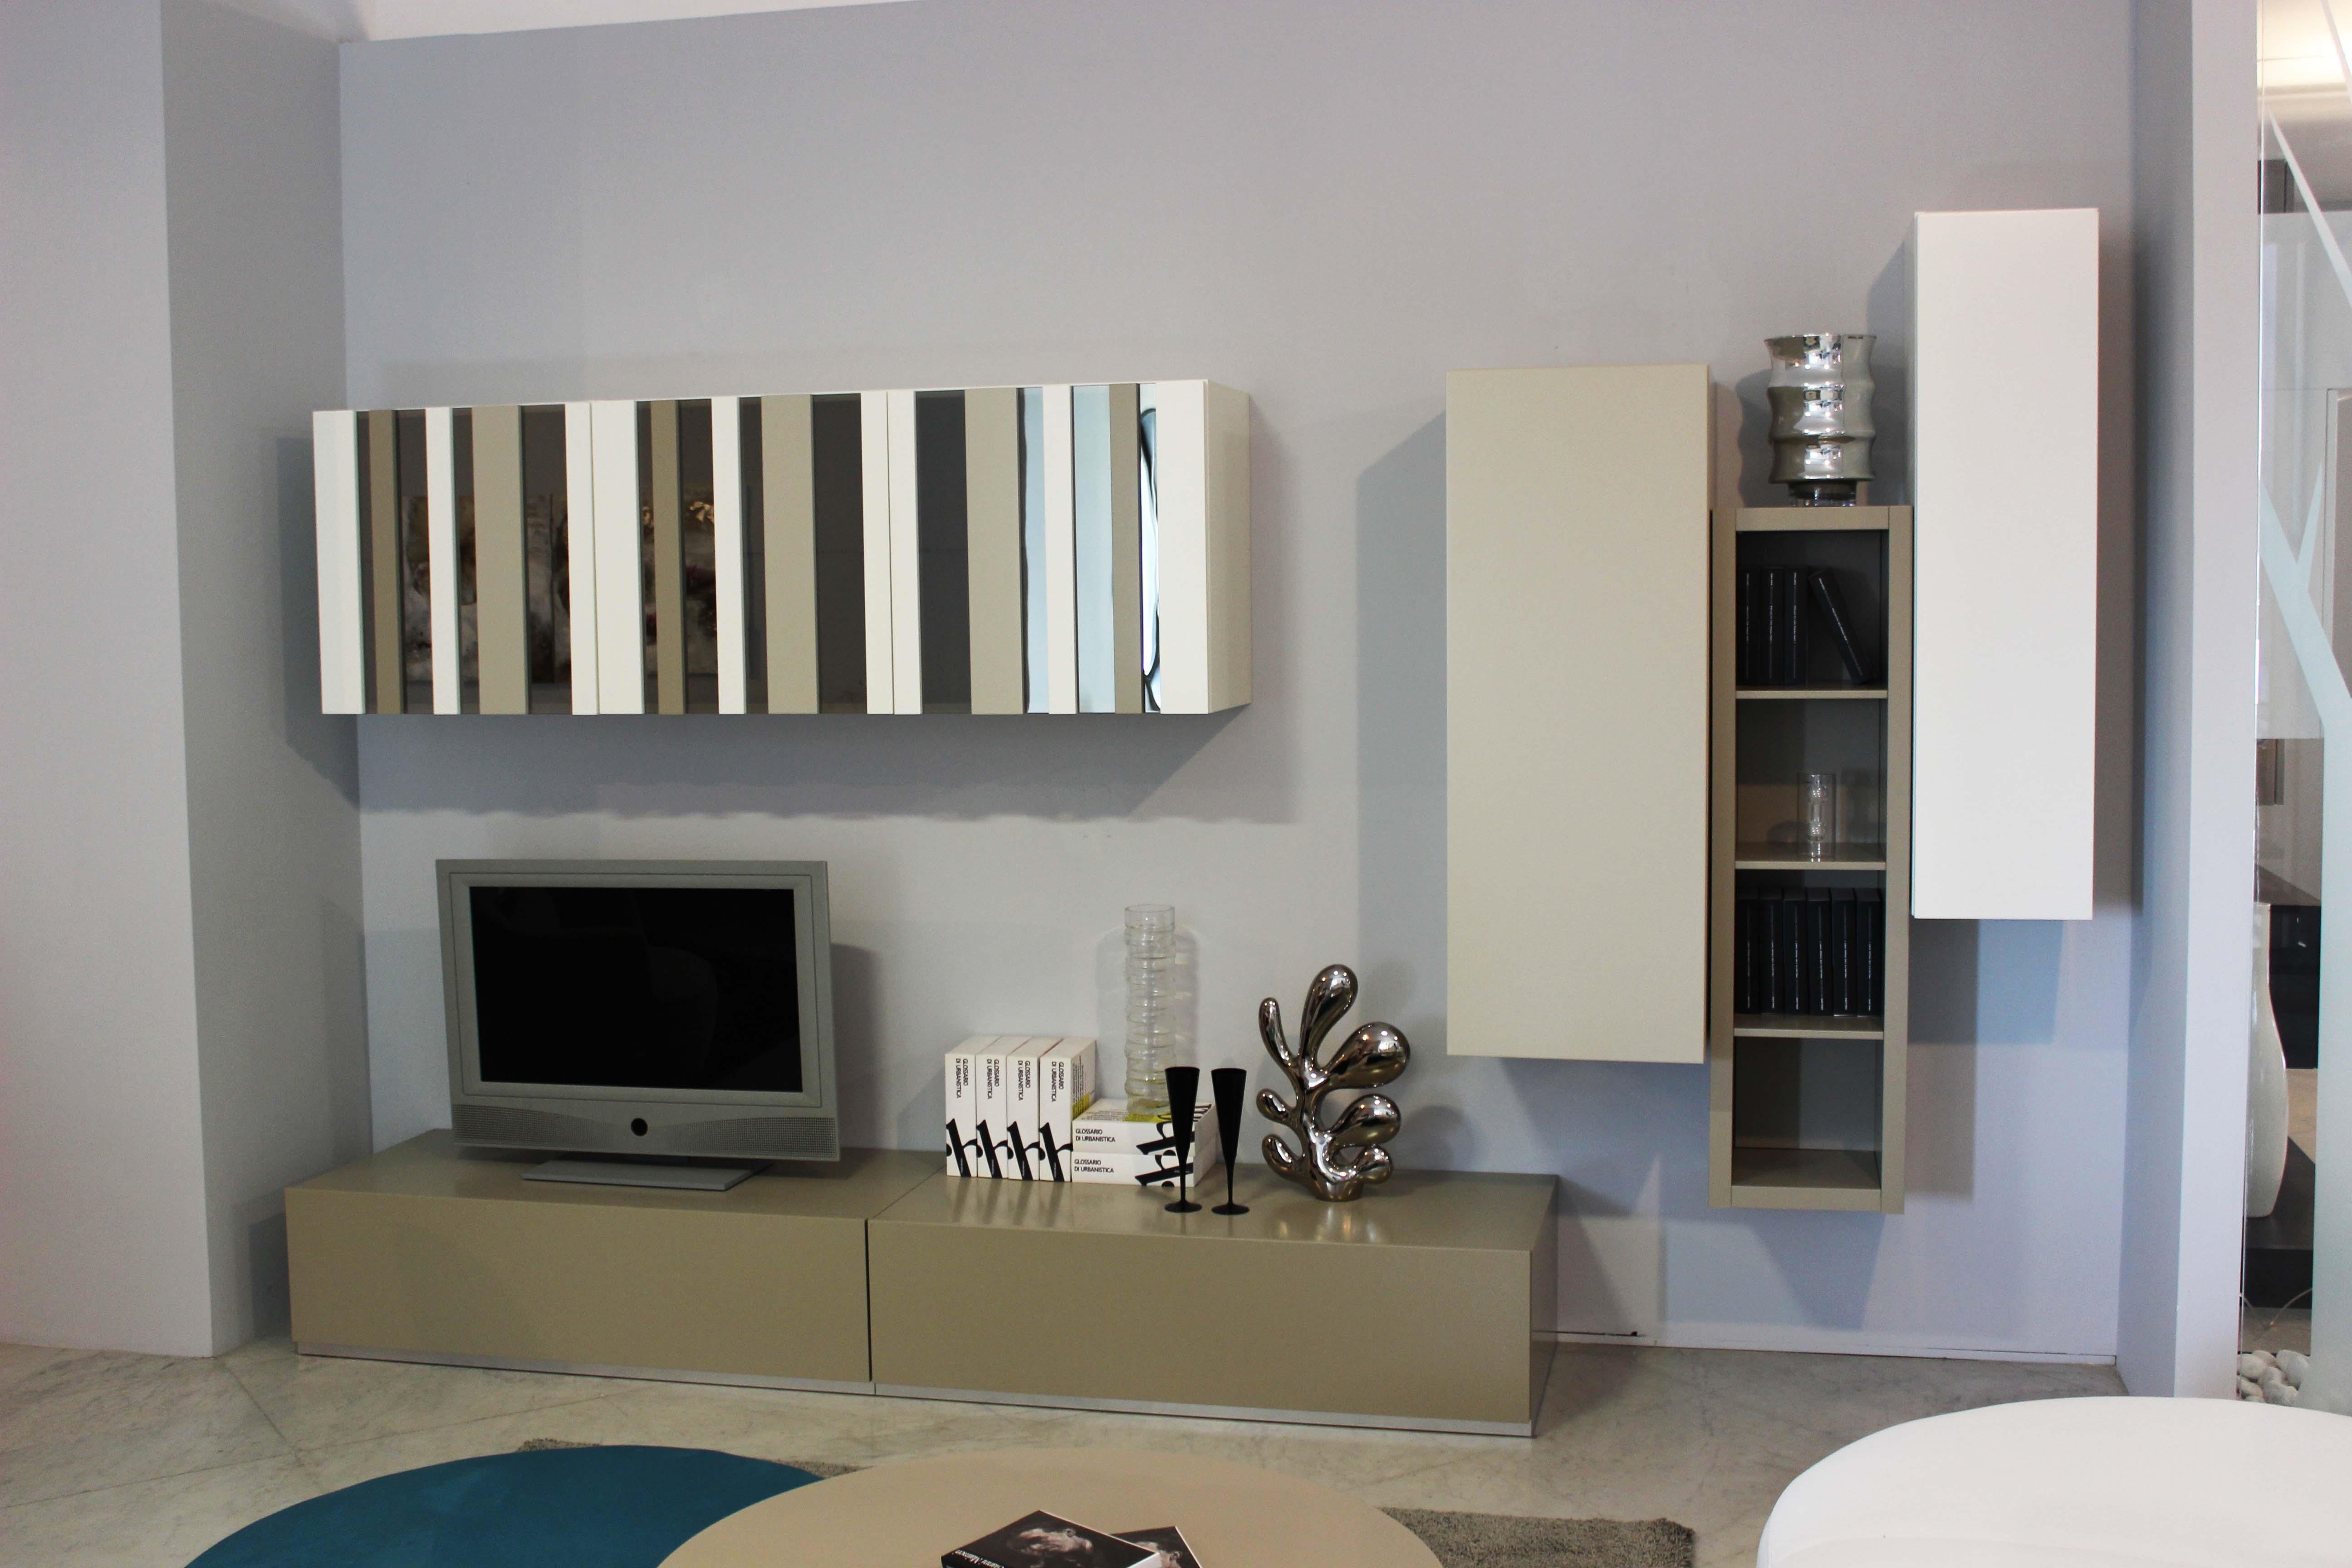 Camere da letto spar prestige camera da letto classica - Spar camerette prezzi ...